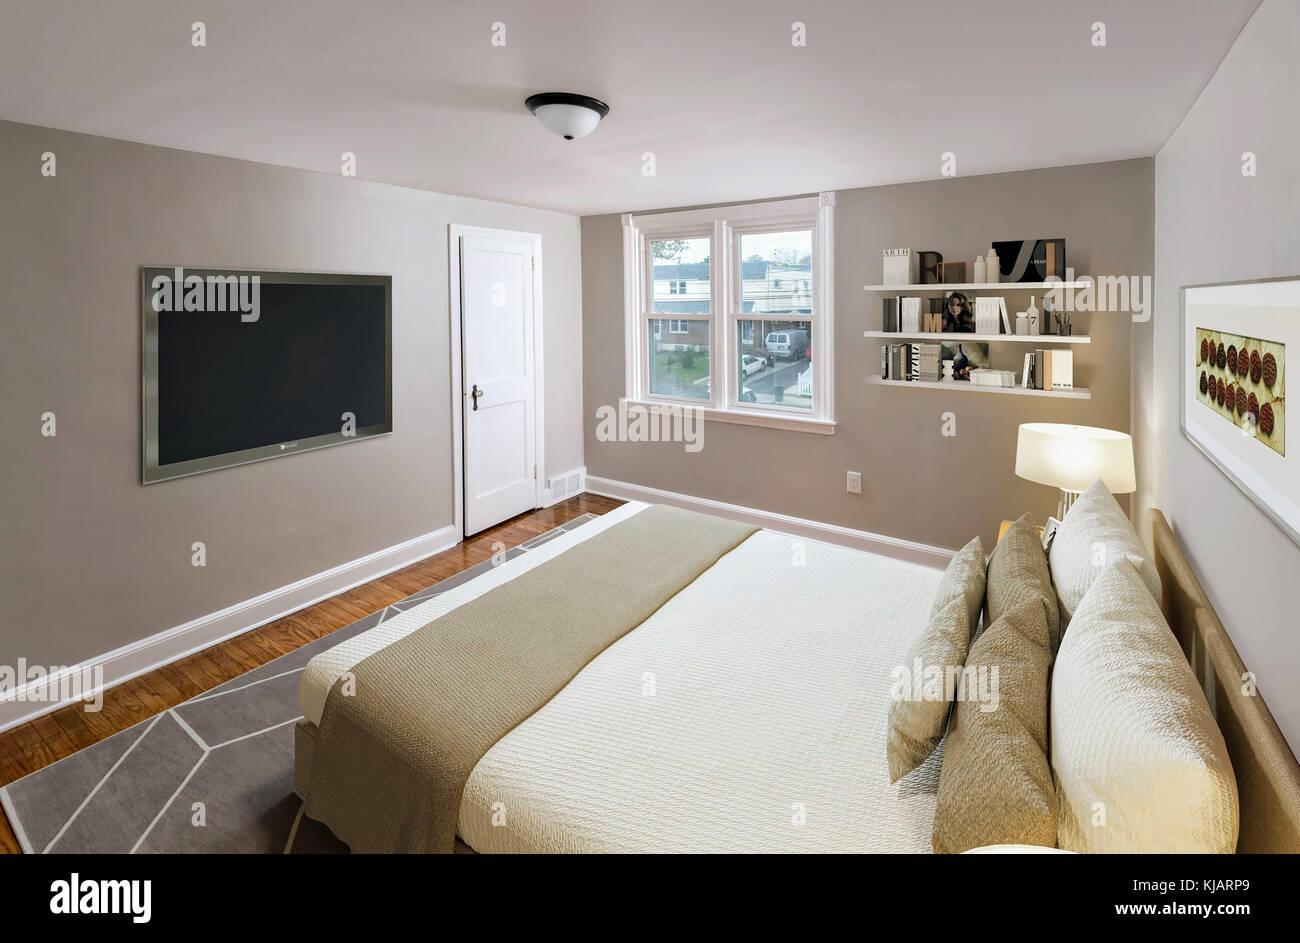 Wohn-Schlafzimmer-Einrichtung Stockfoto, Bild: 166195297 - Alamy